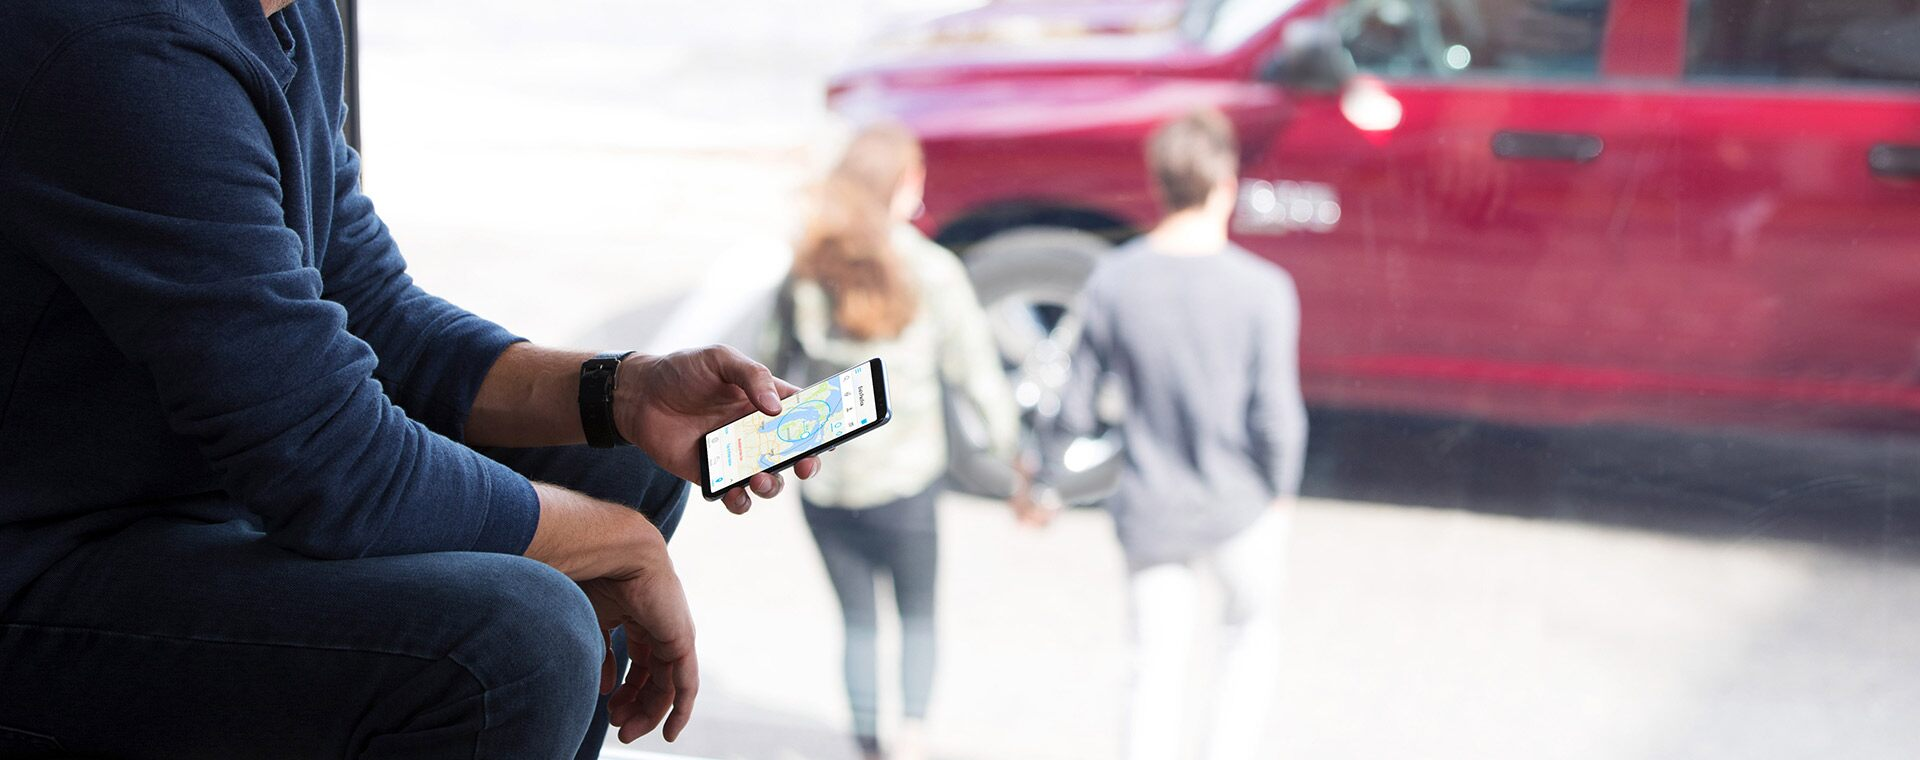 Un hombre sosteniendo un smartphone con un mapa en la pantalla.